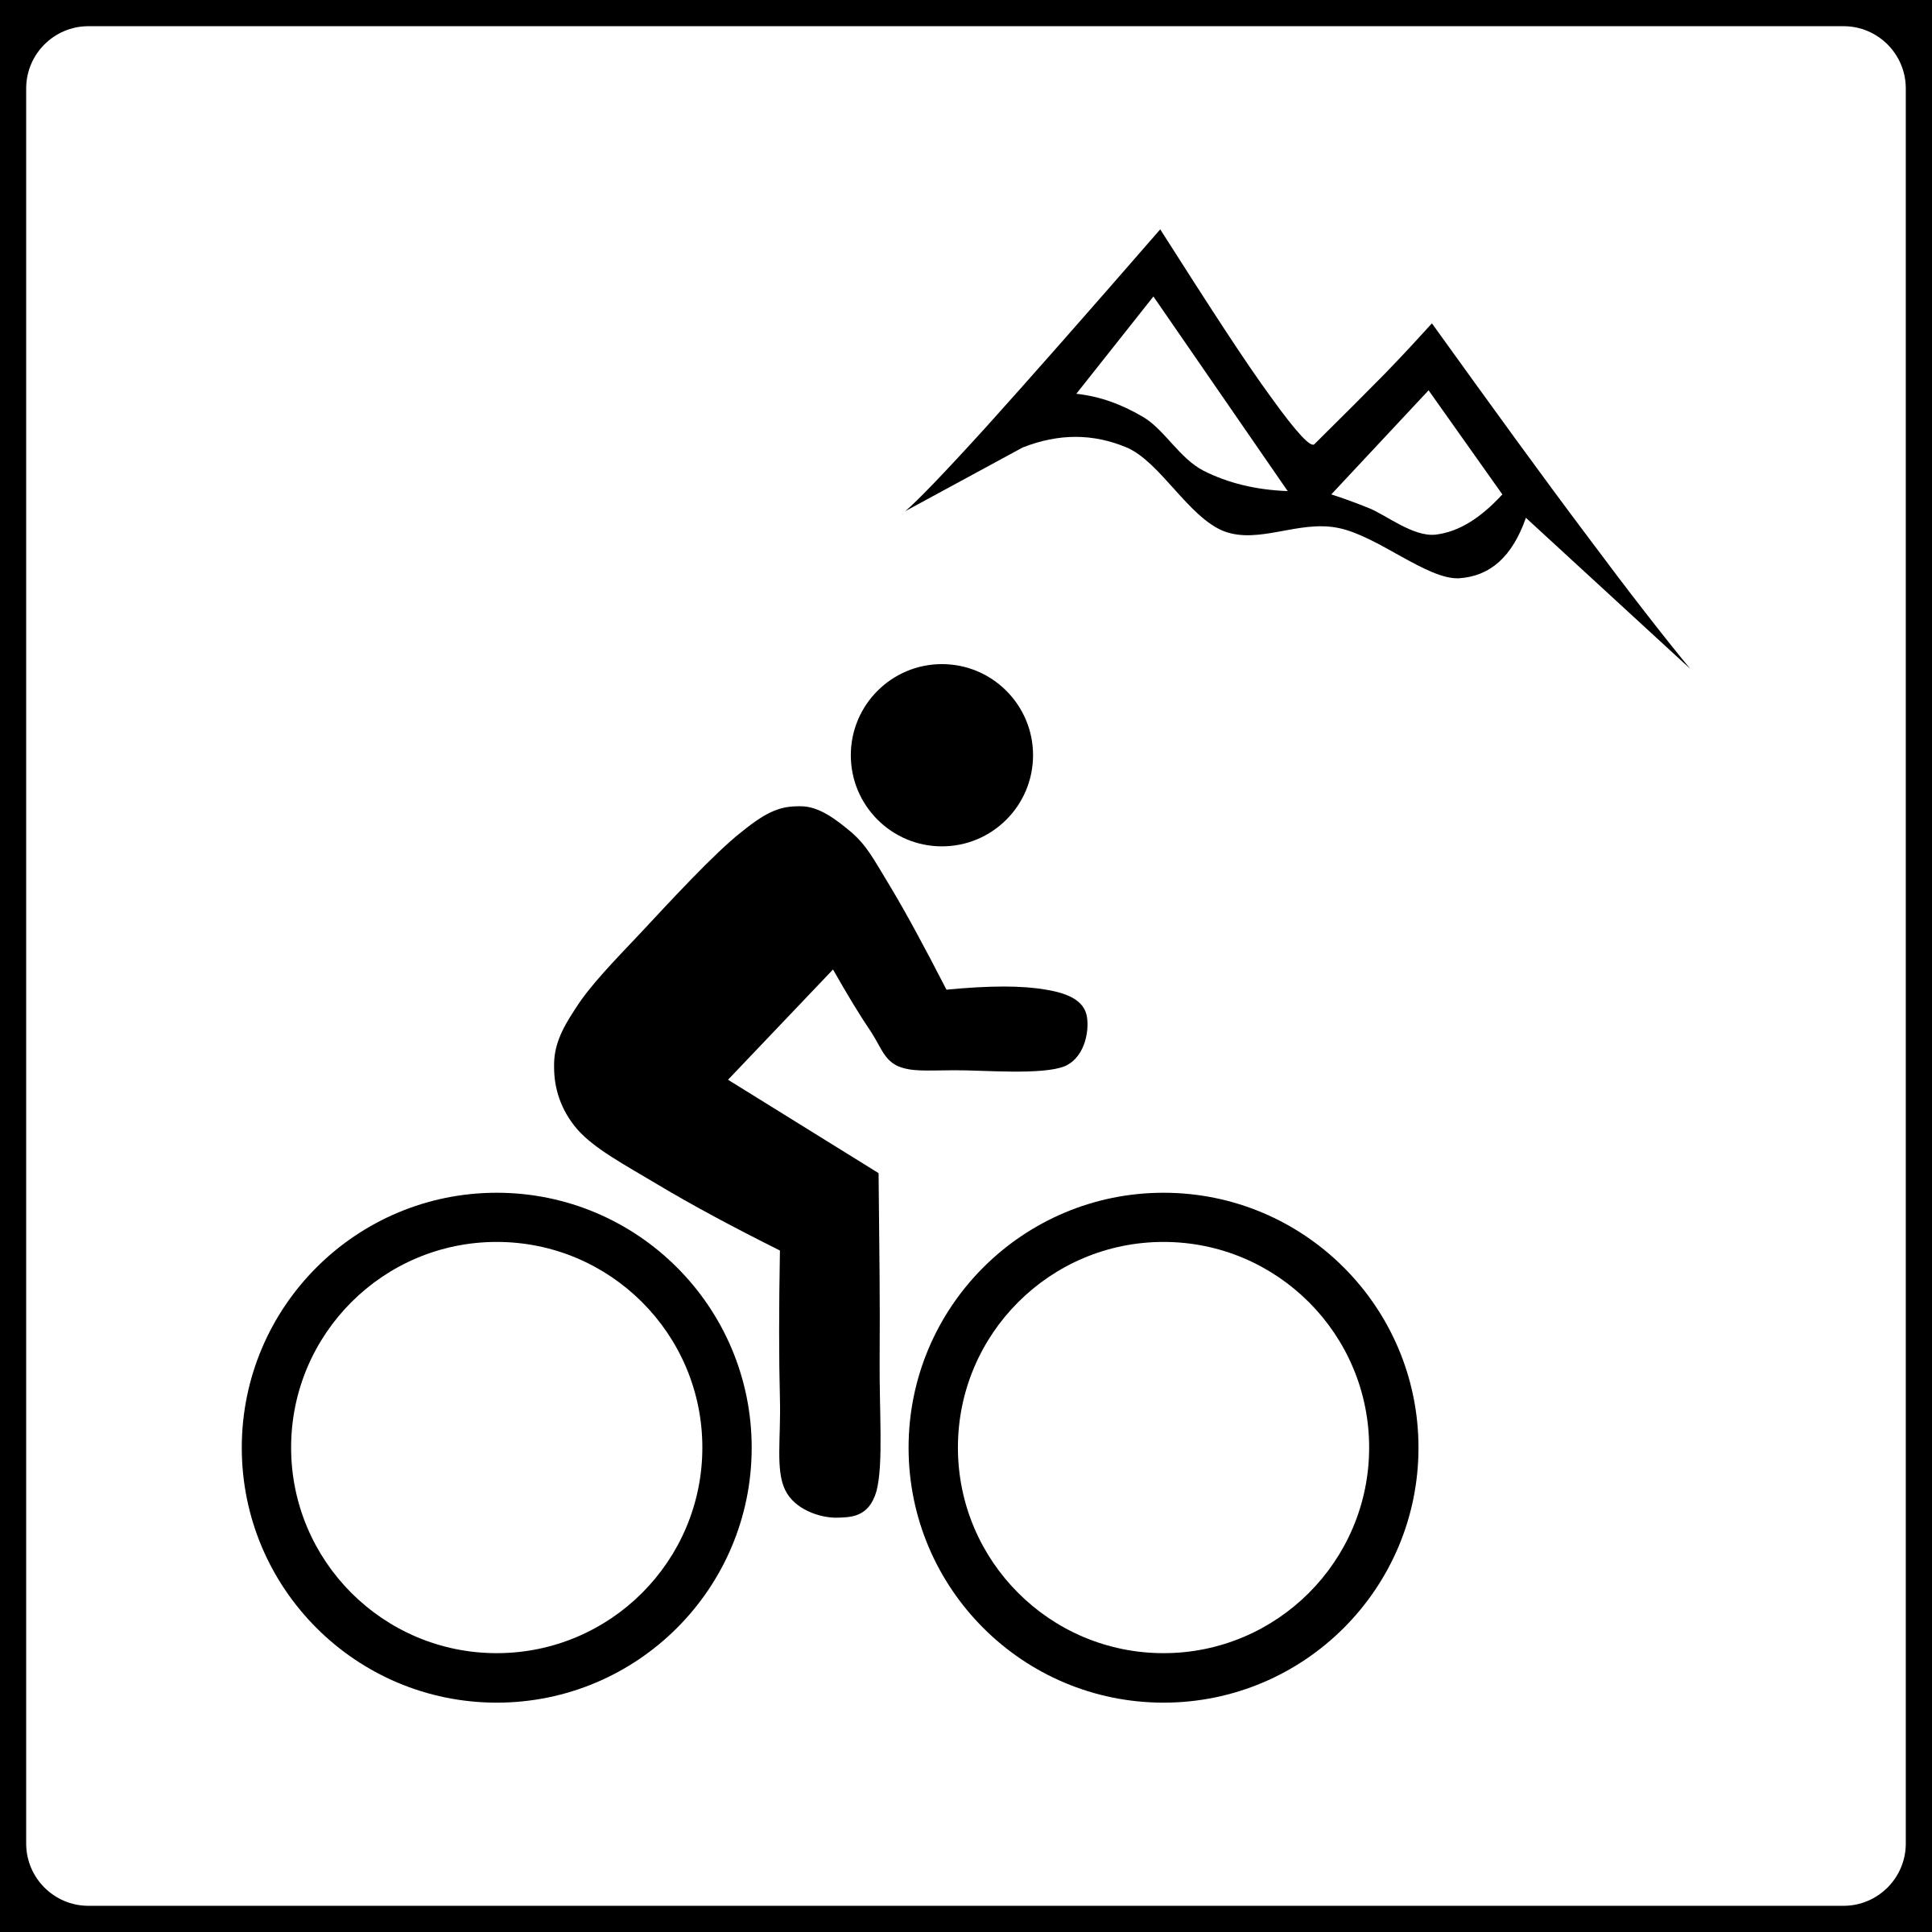 Hotel near mountain biking. Bike clipart icon